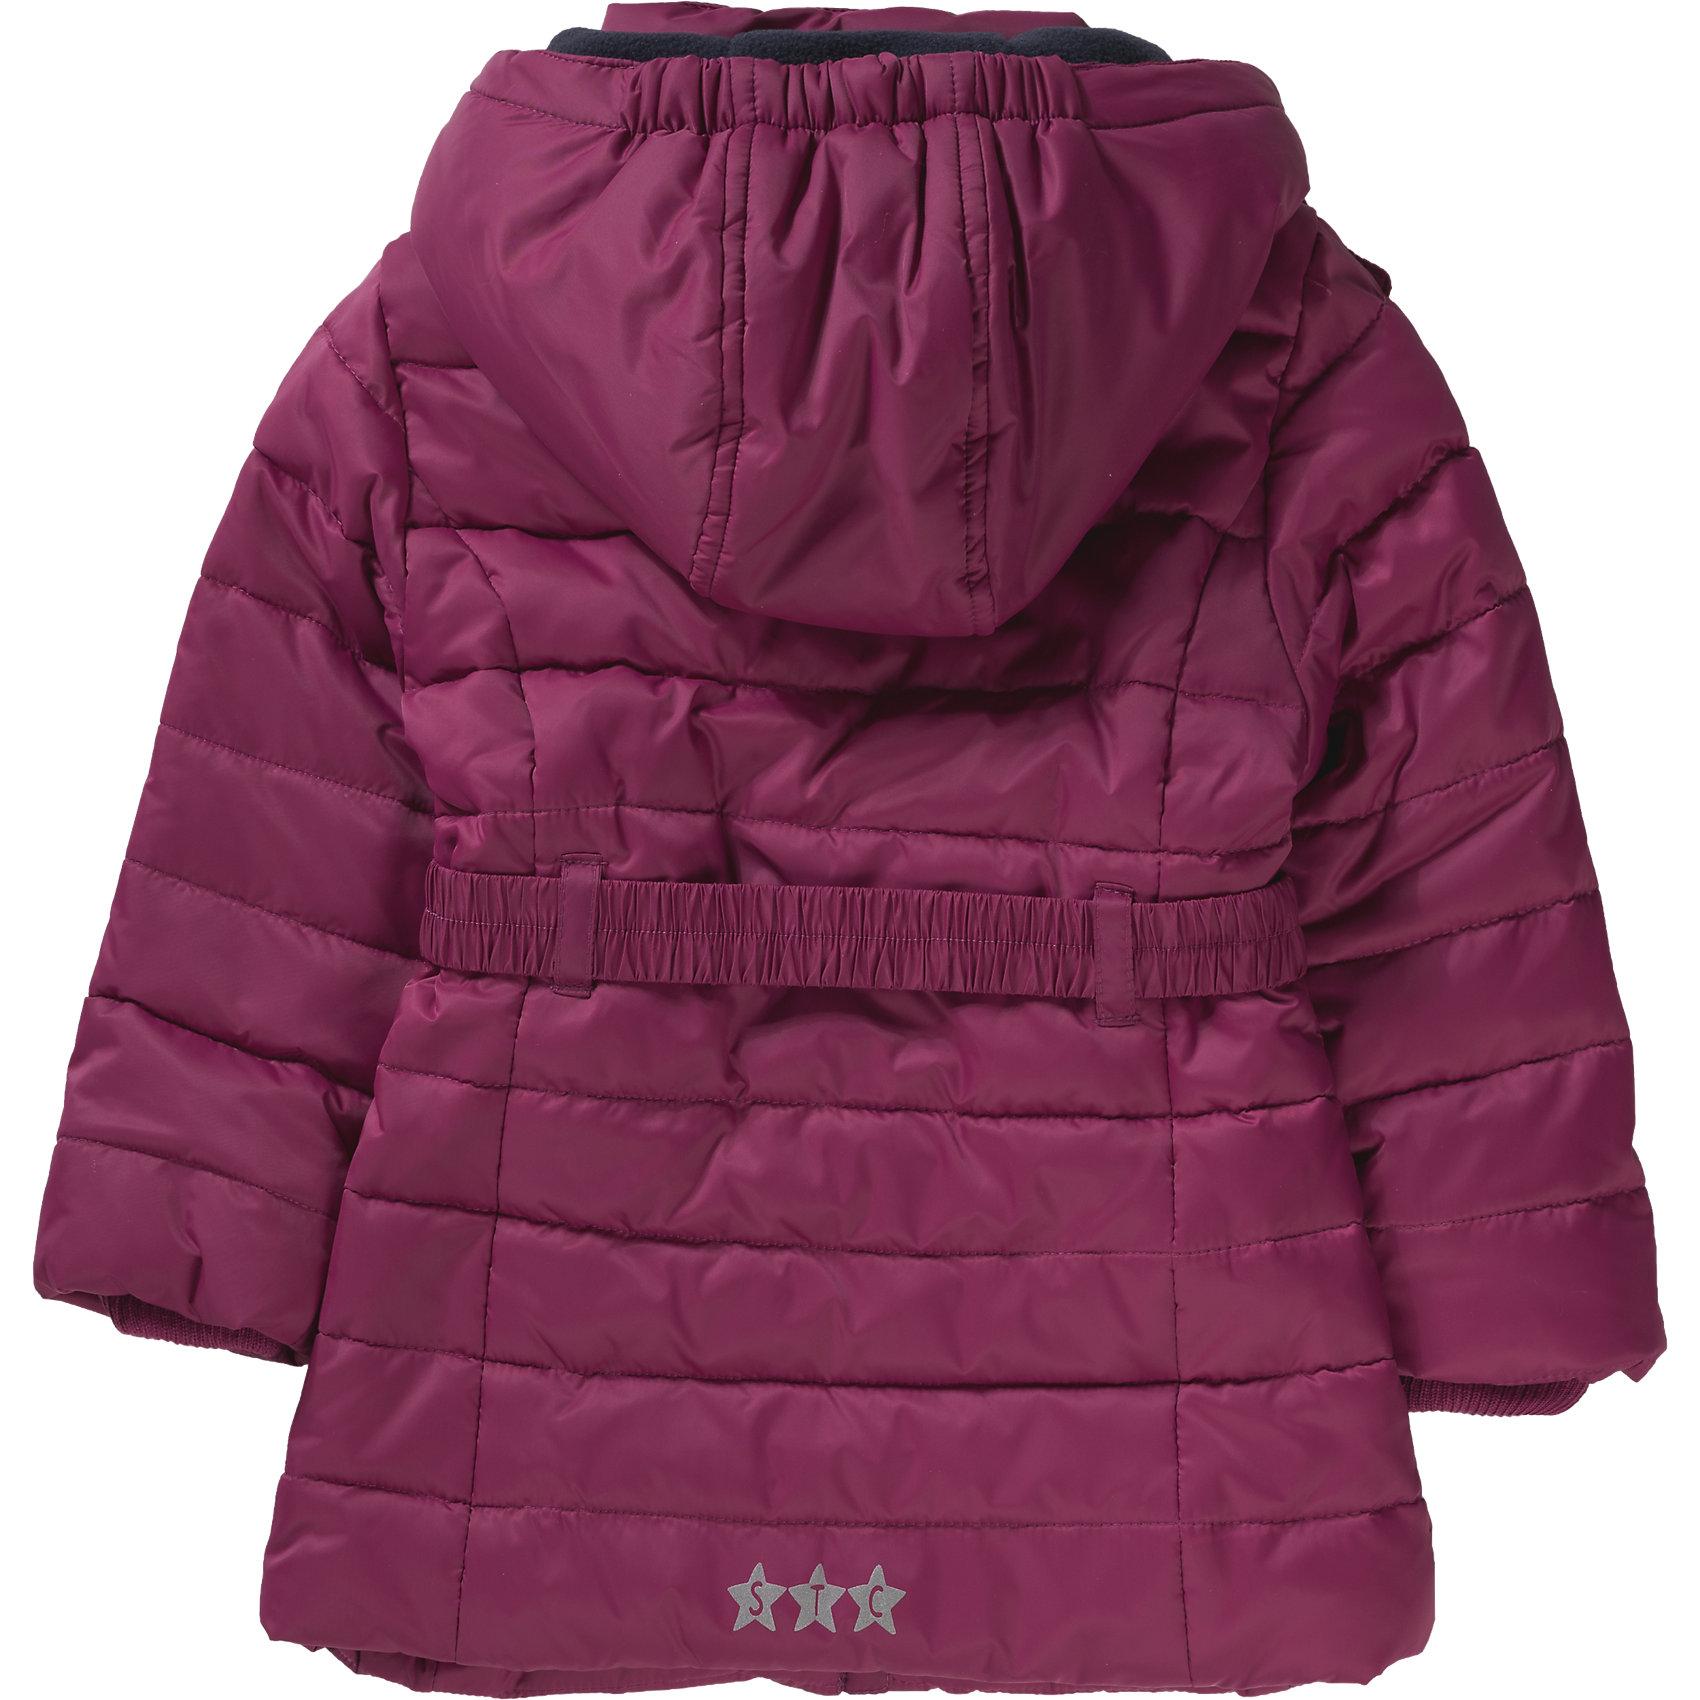 Details zu Neu STACCATO Winterjacke für Mädchen pink 6039228